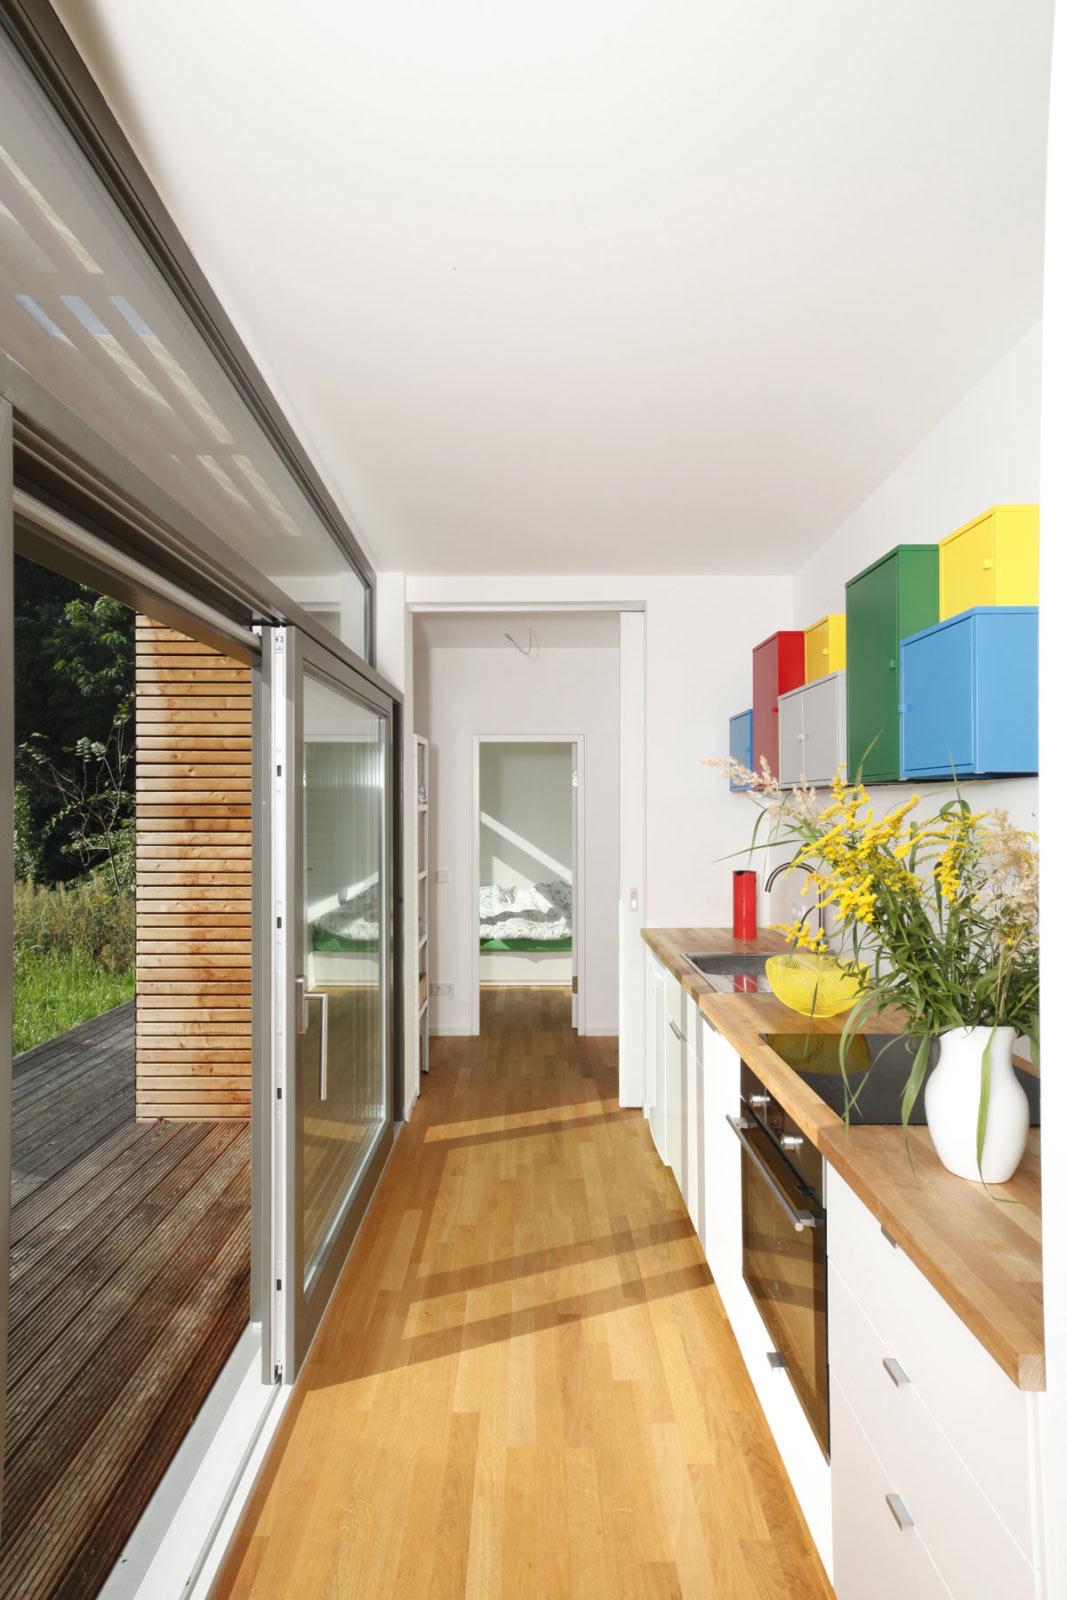 Terrasse und Innenräume bilden einen Wohnraum